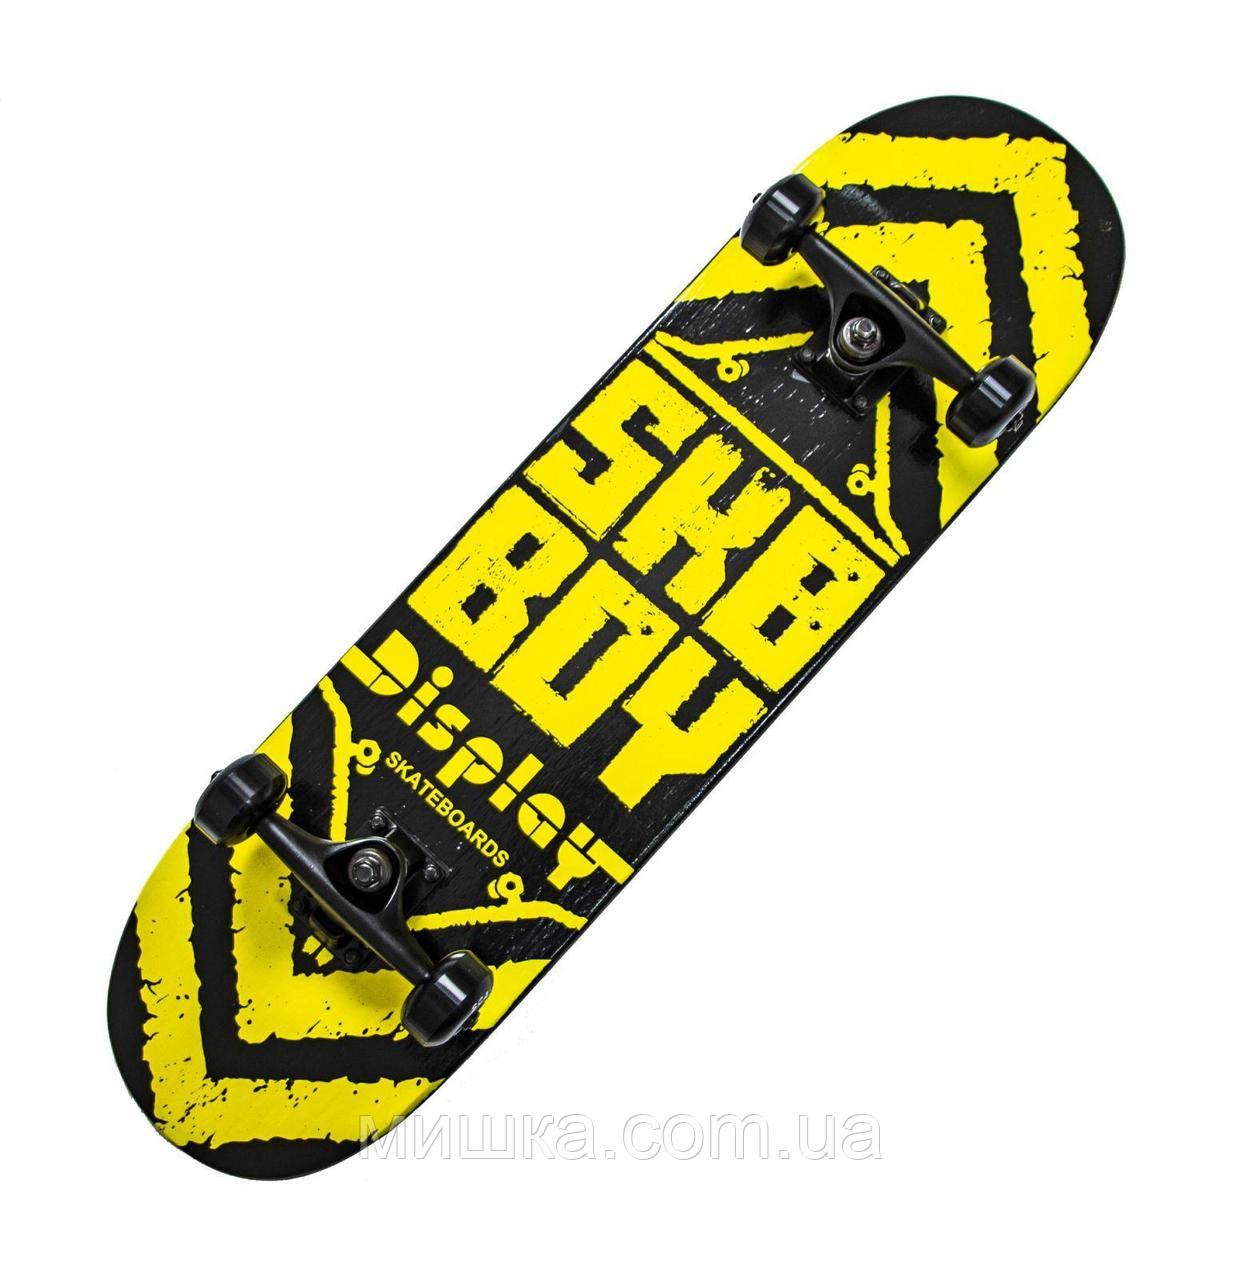 """Дерев'яний скейтборд """"SKY BOY"""", жовтий, 79*20 см"""